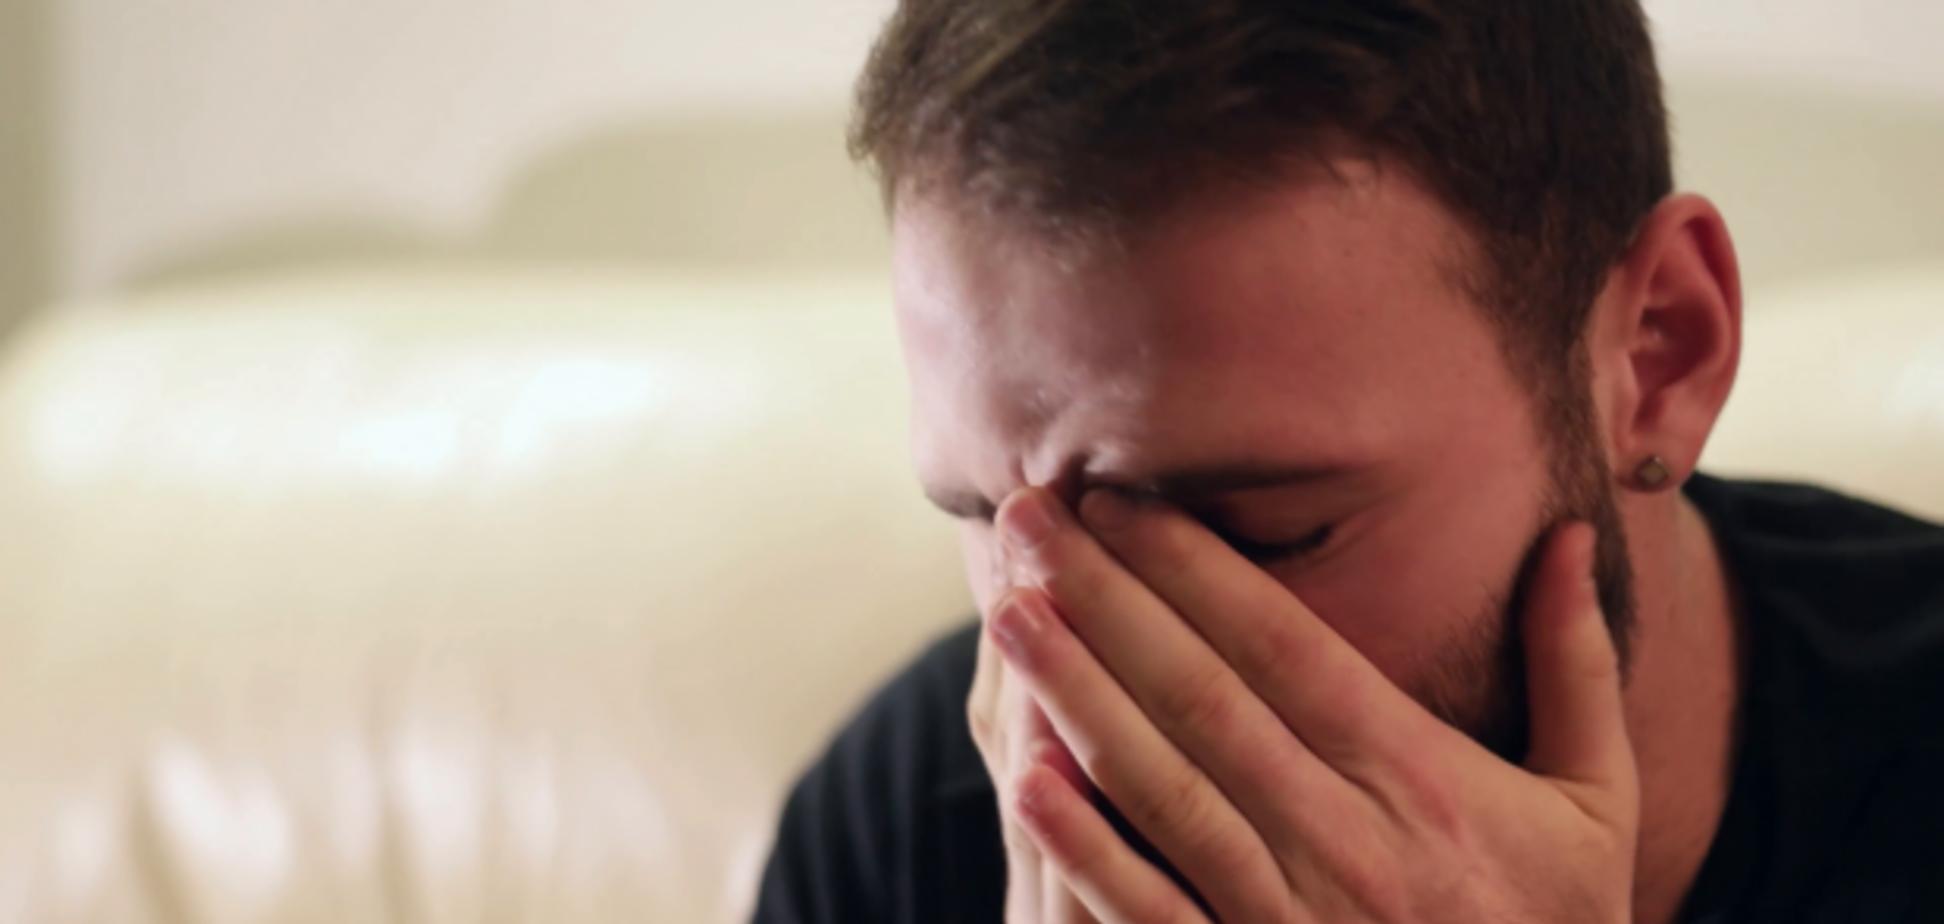 Семейные ссоры как причина развития эректильной дисфункции